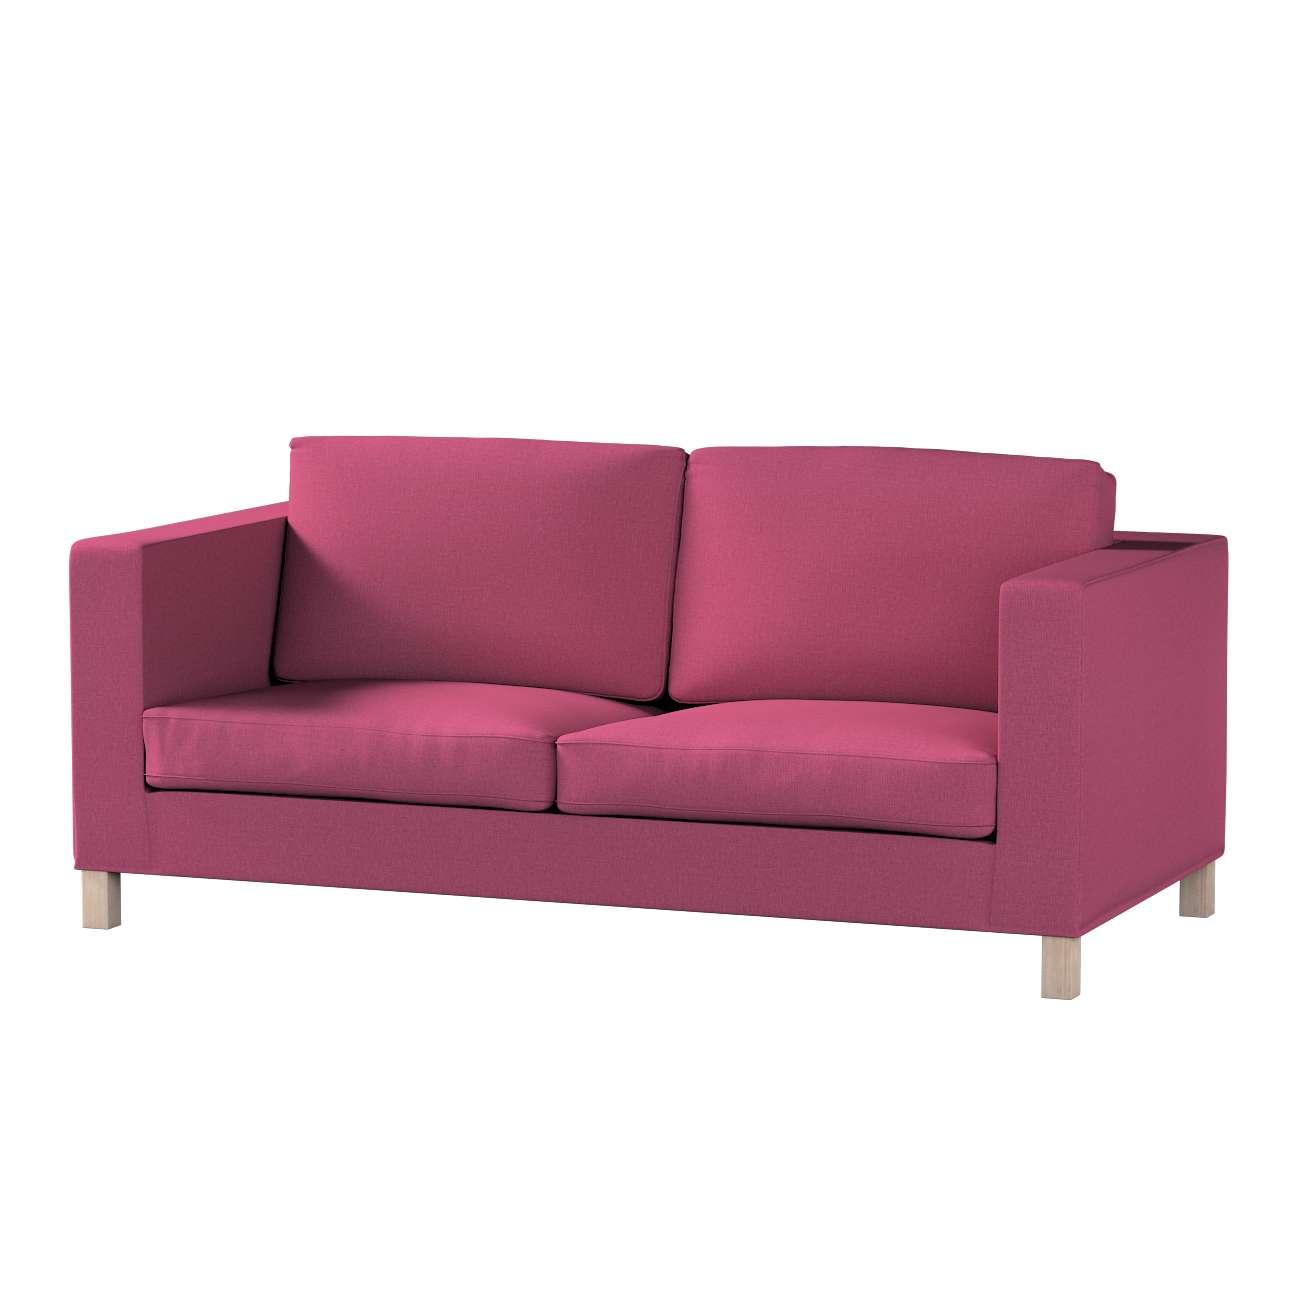 Potah na pohovku IKEA  Karlanda rozkládací, krátký v kolekci Living, látka: 160-44